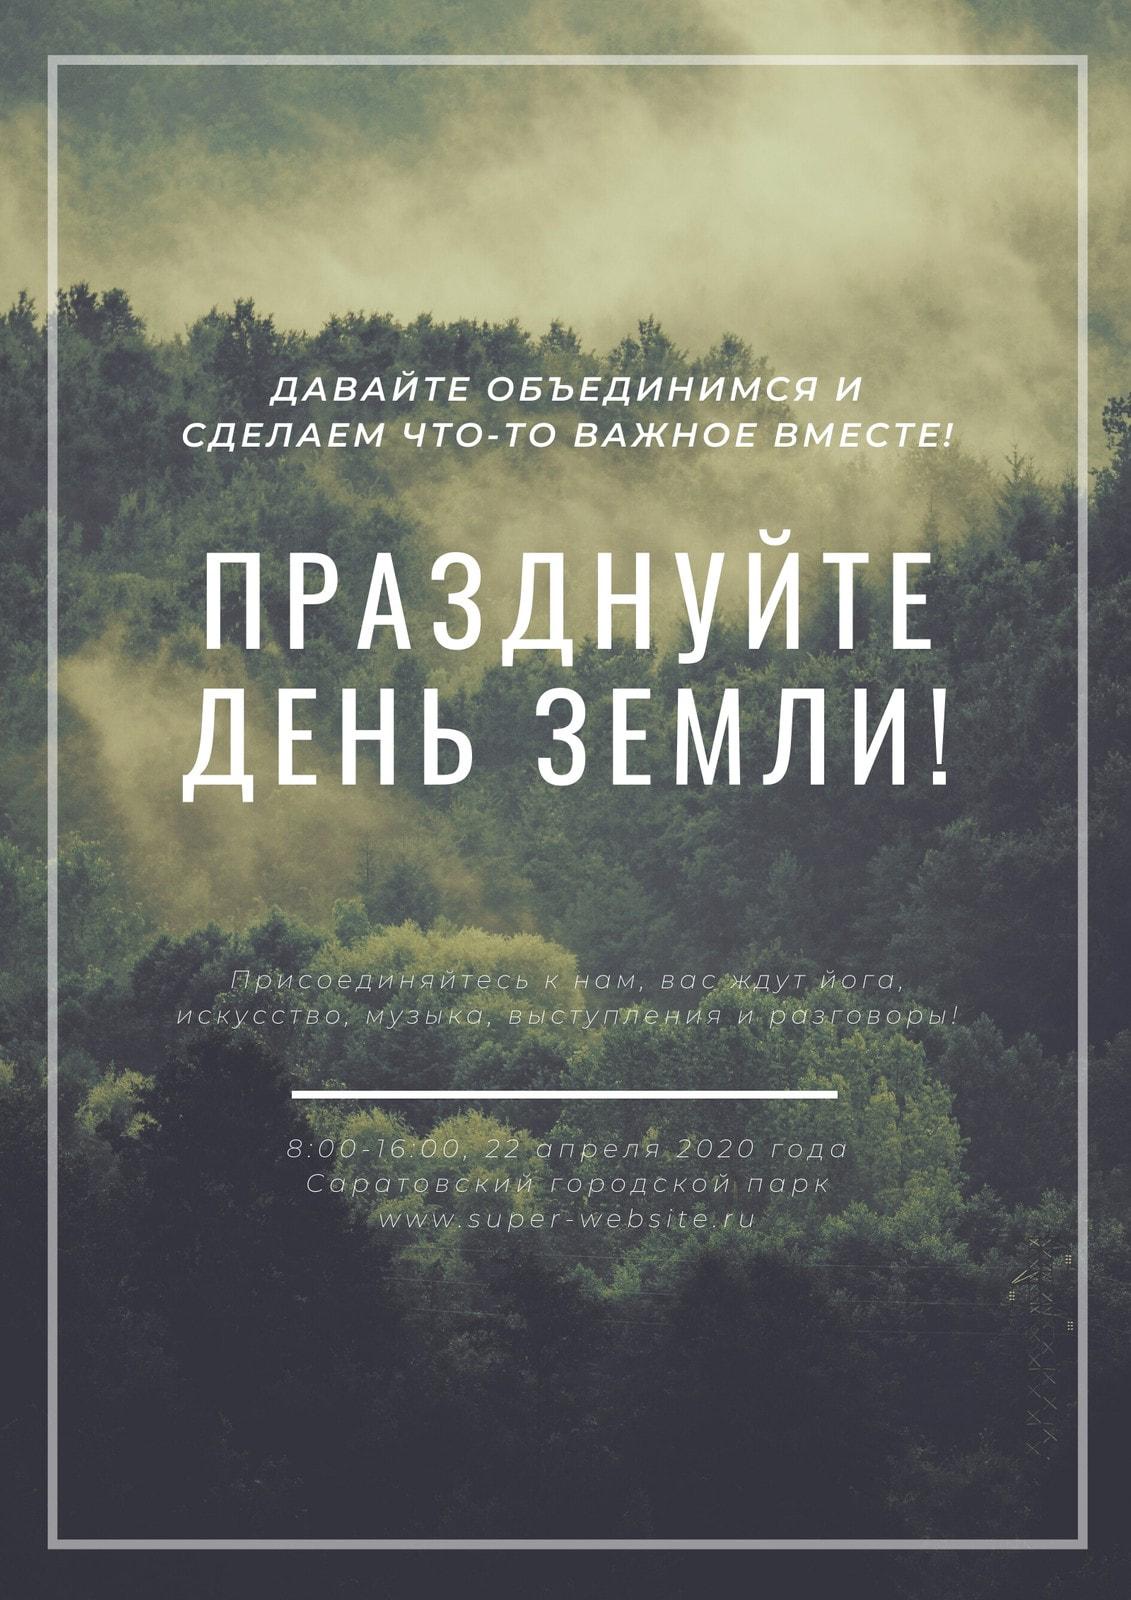 Белый Простой Природа В Рамке День Земли Плакат